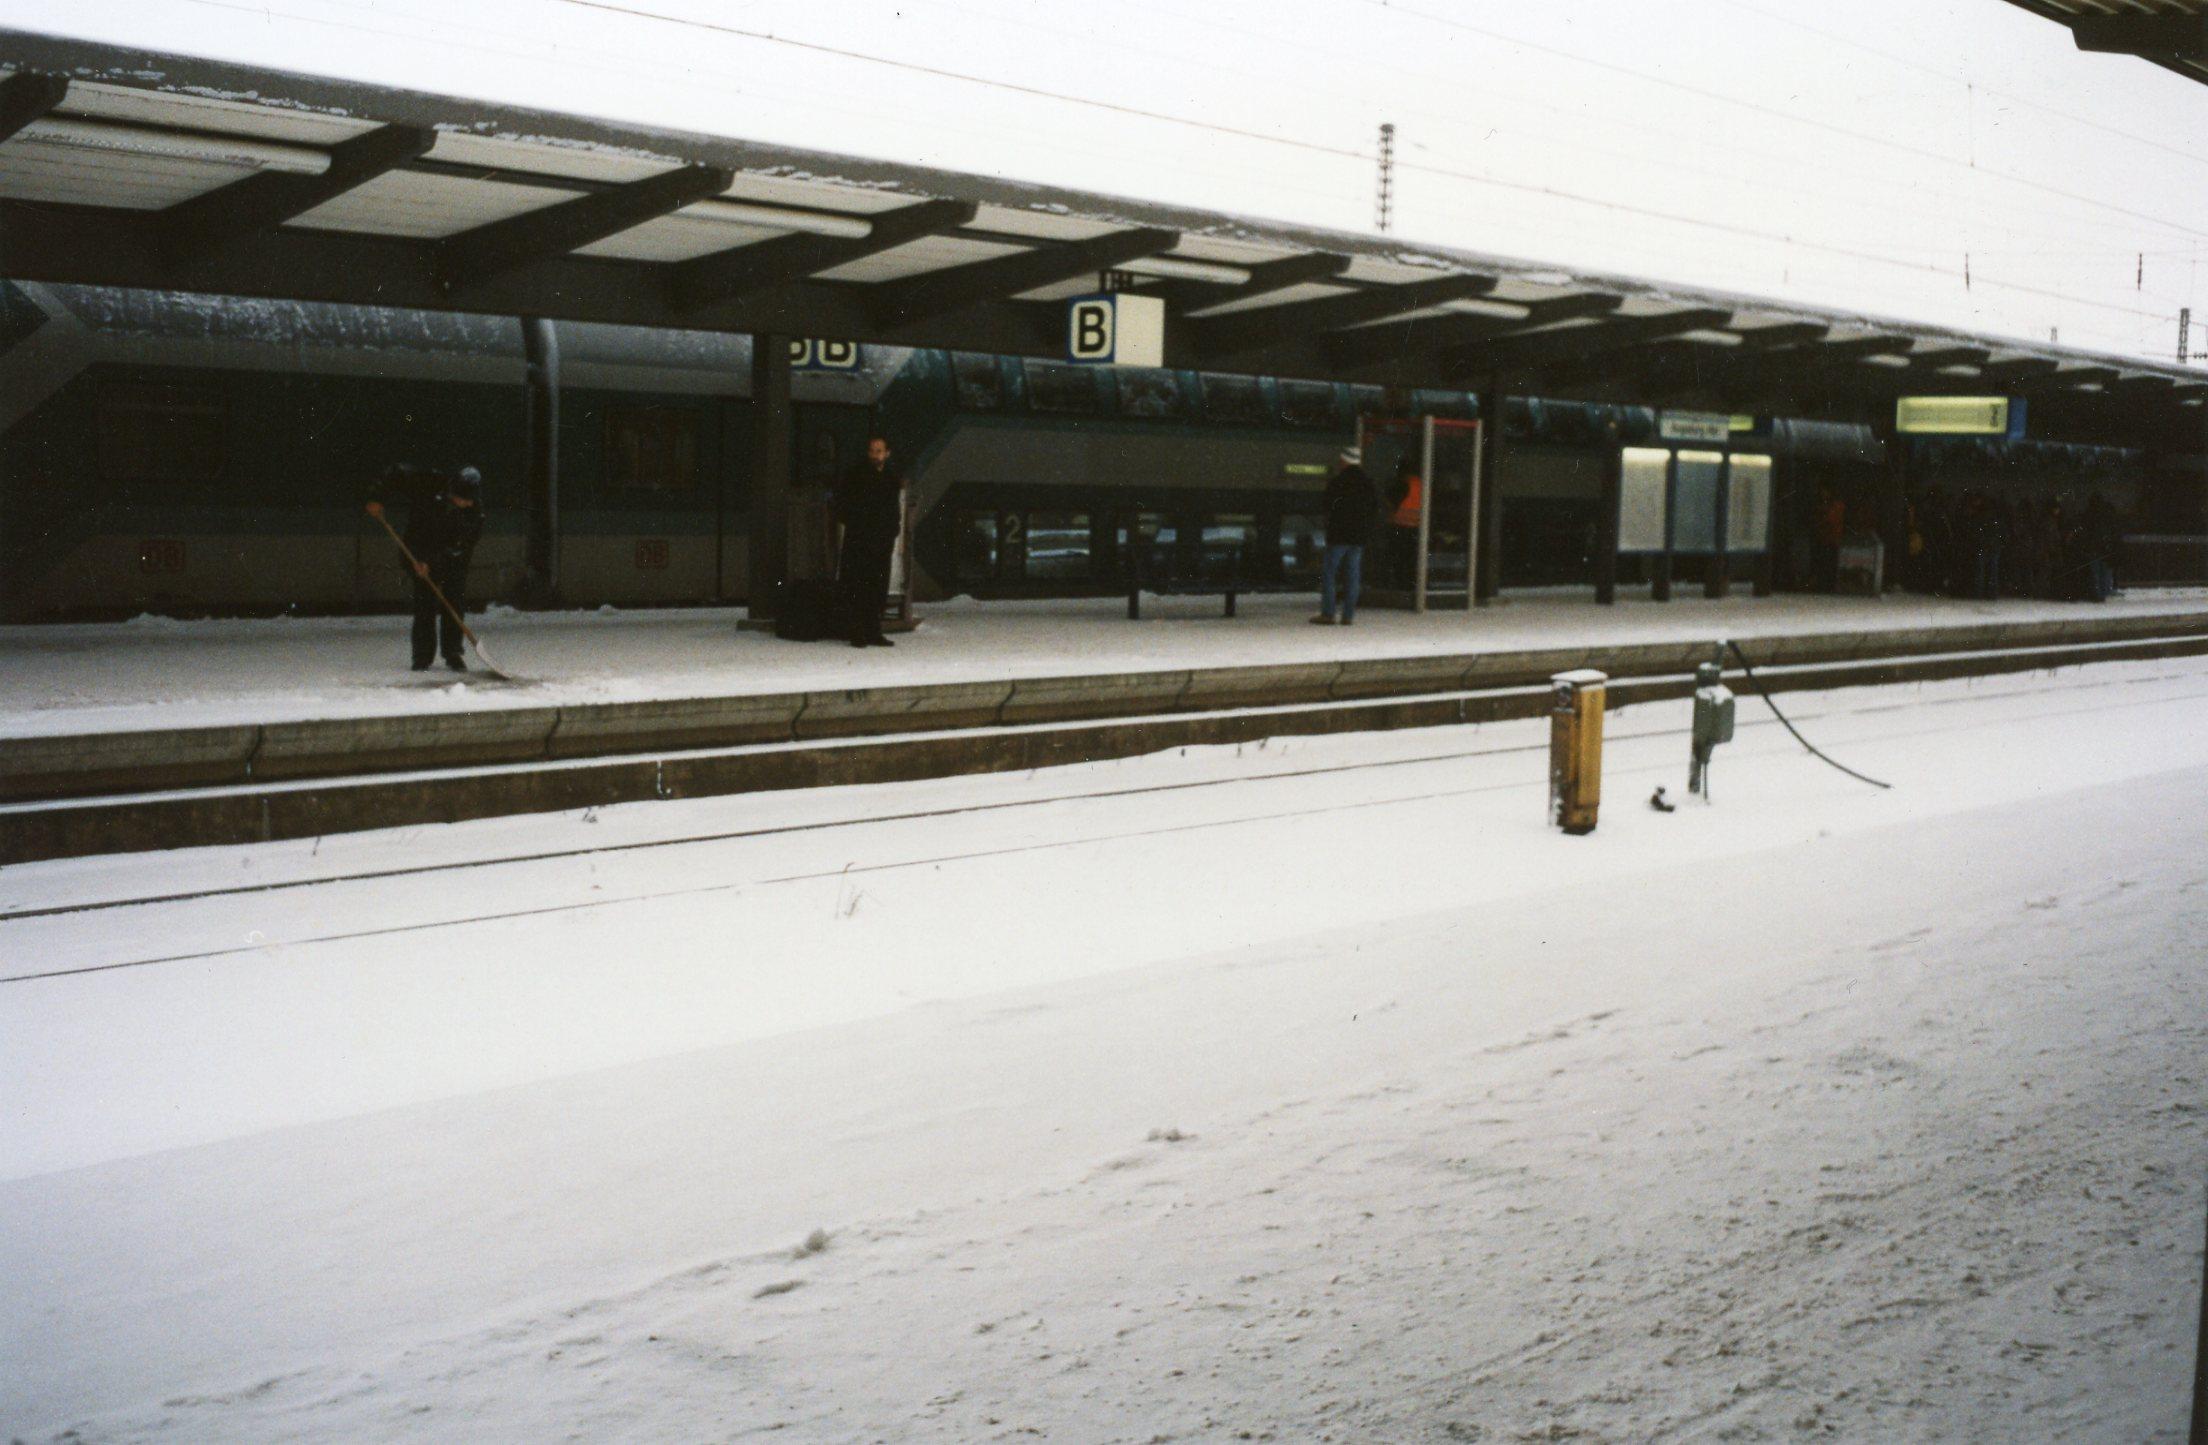 Verschneiter Bahnsteig trotz Dach am Hbf Augsburg